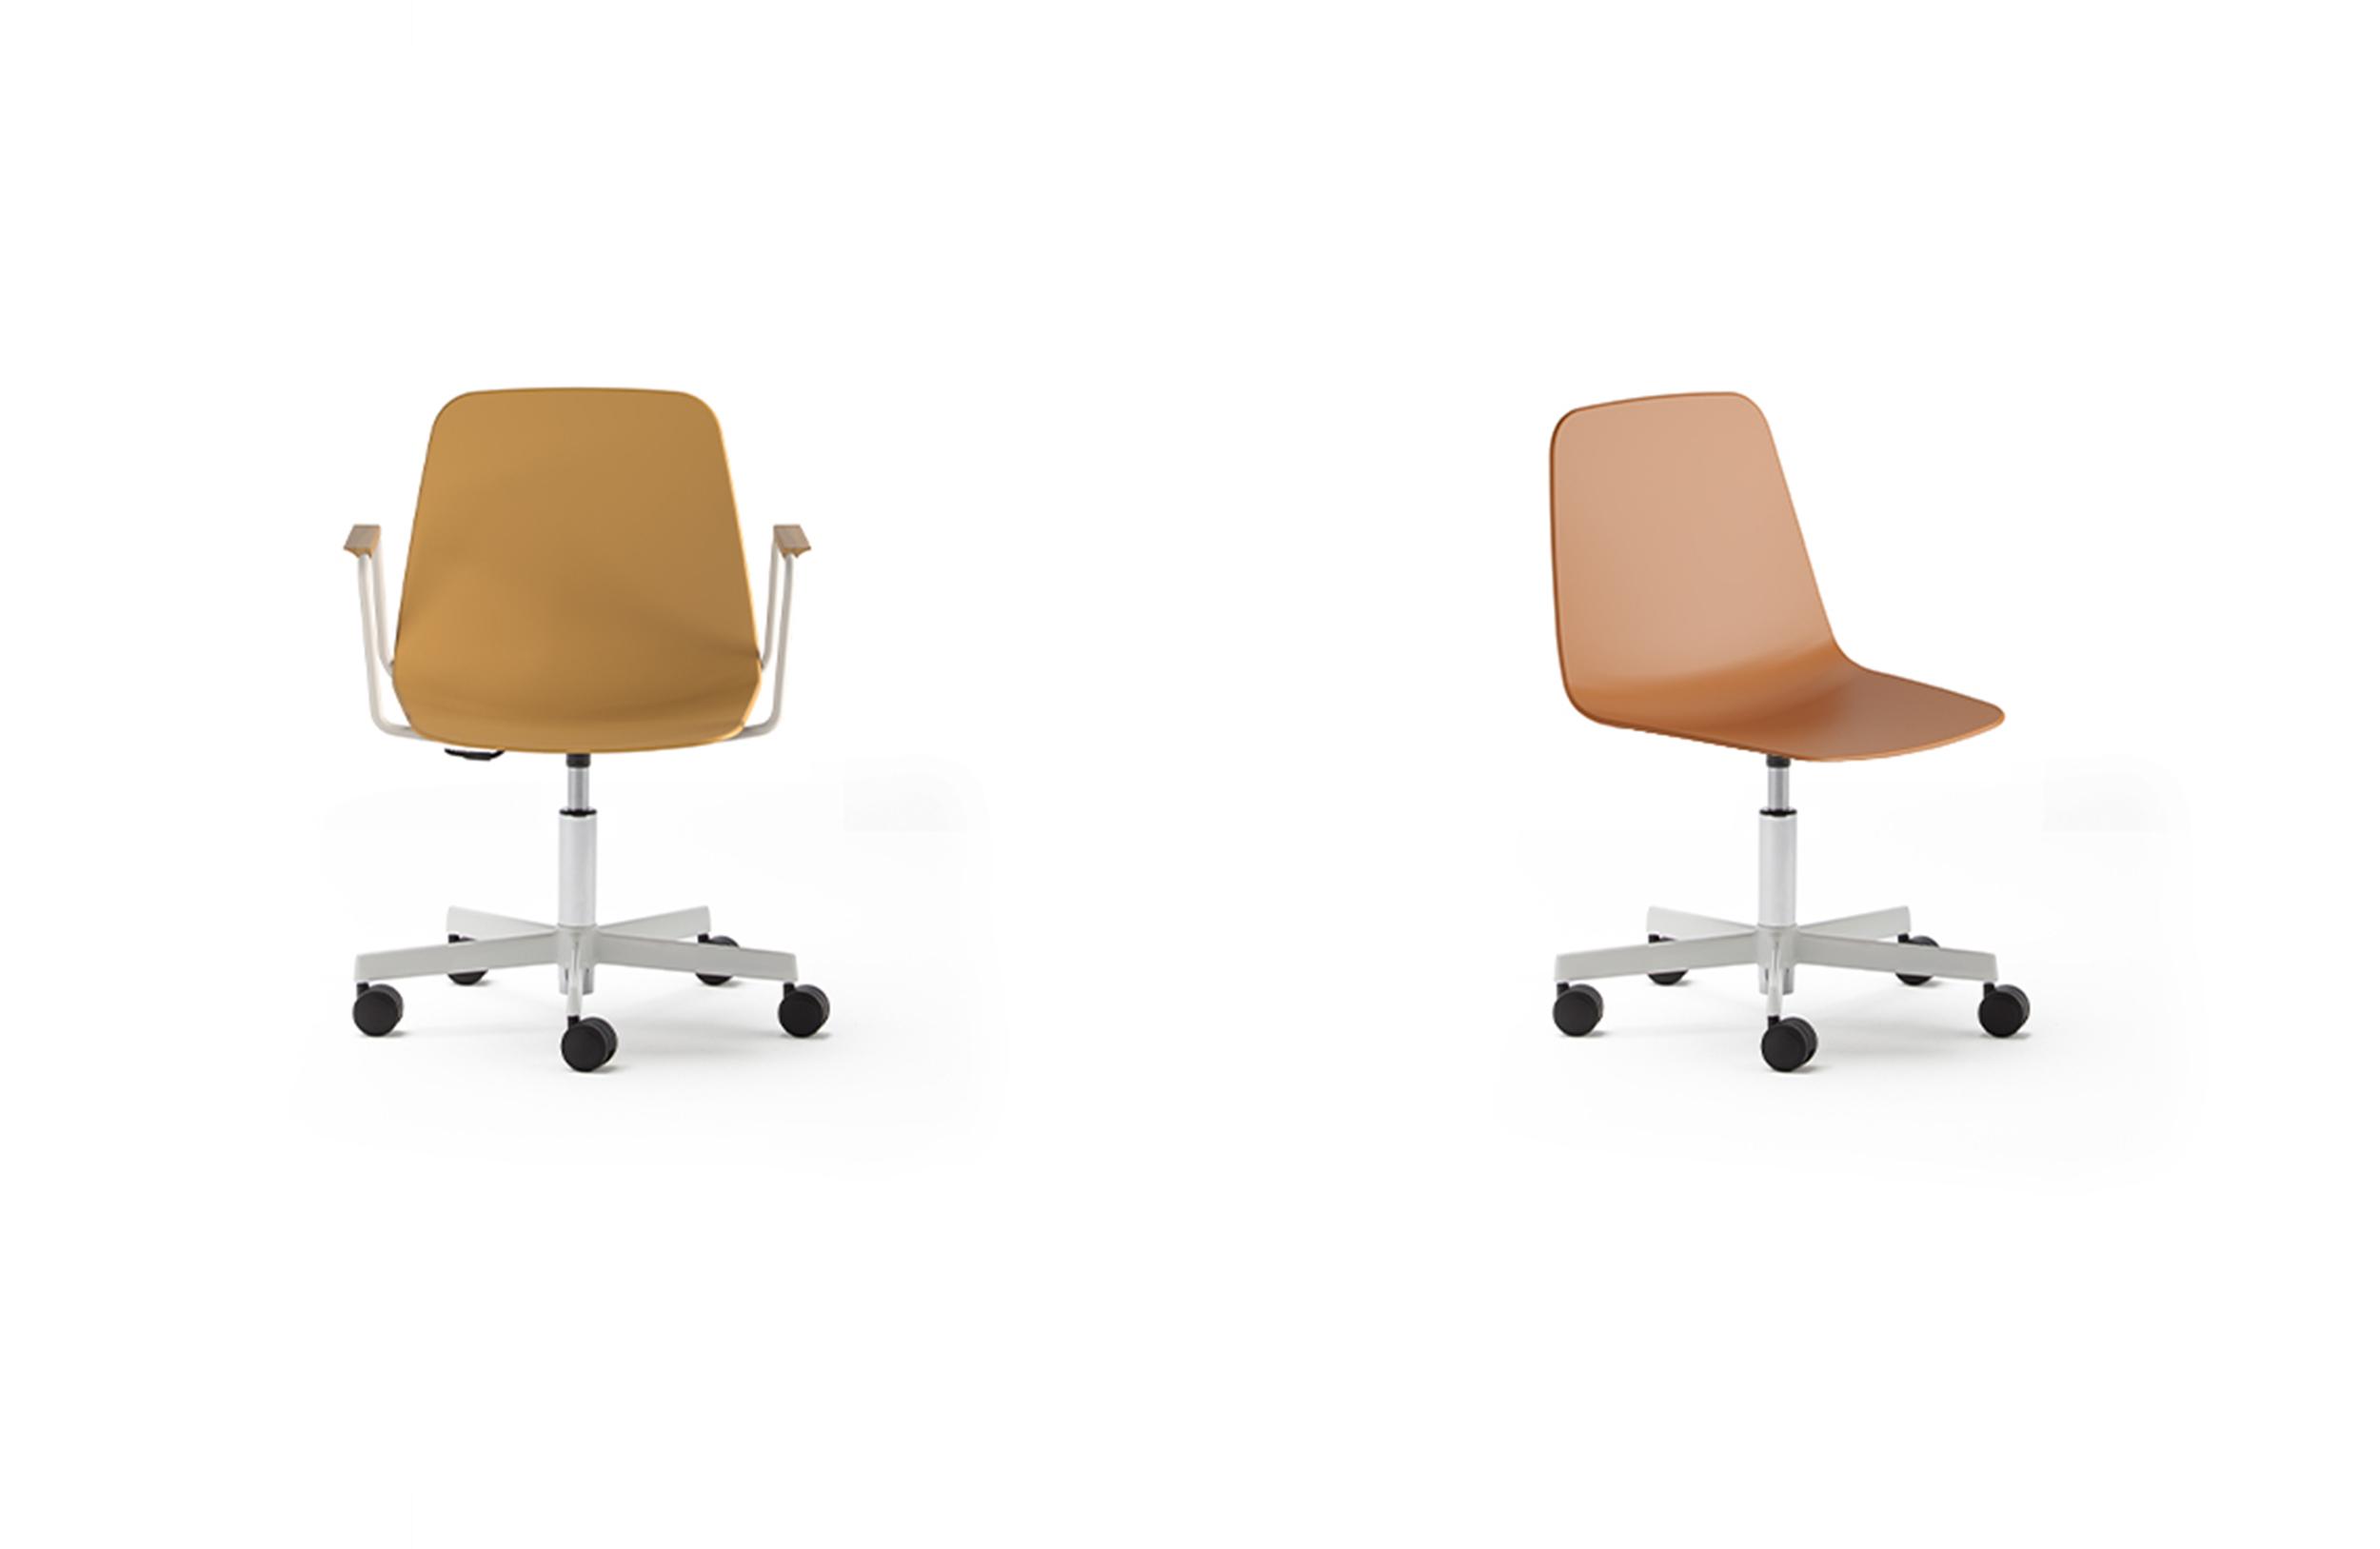 办公椅|会议椅|创意家具|现代家居|时尚家具|设计师家具|定制家具|实木家具|MAARTEN 餐椅/洽谈椅